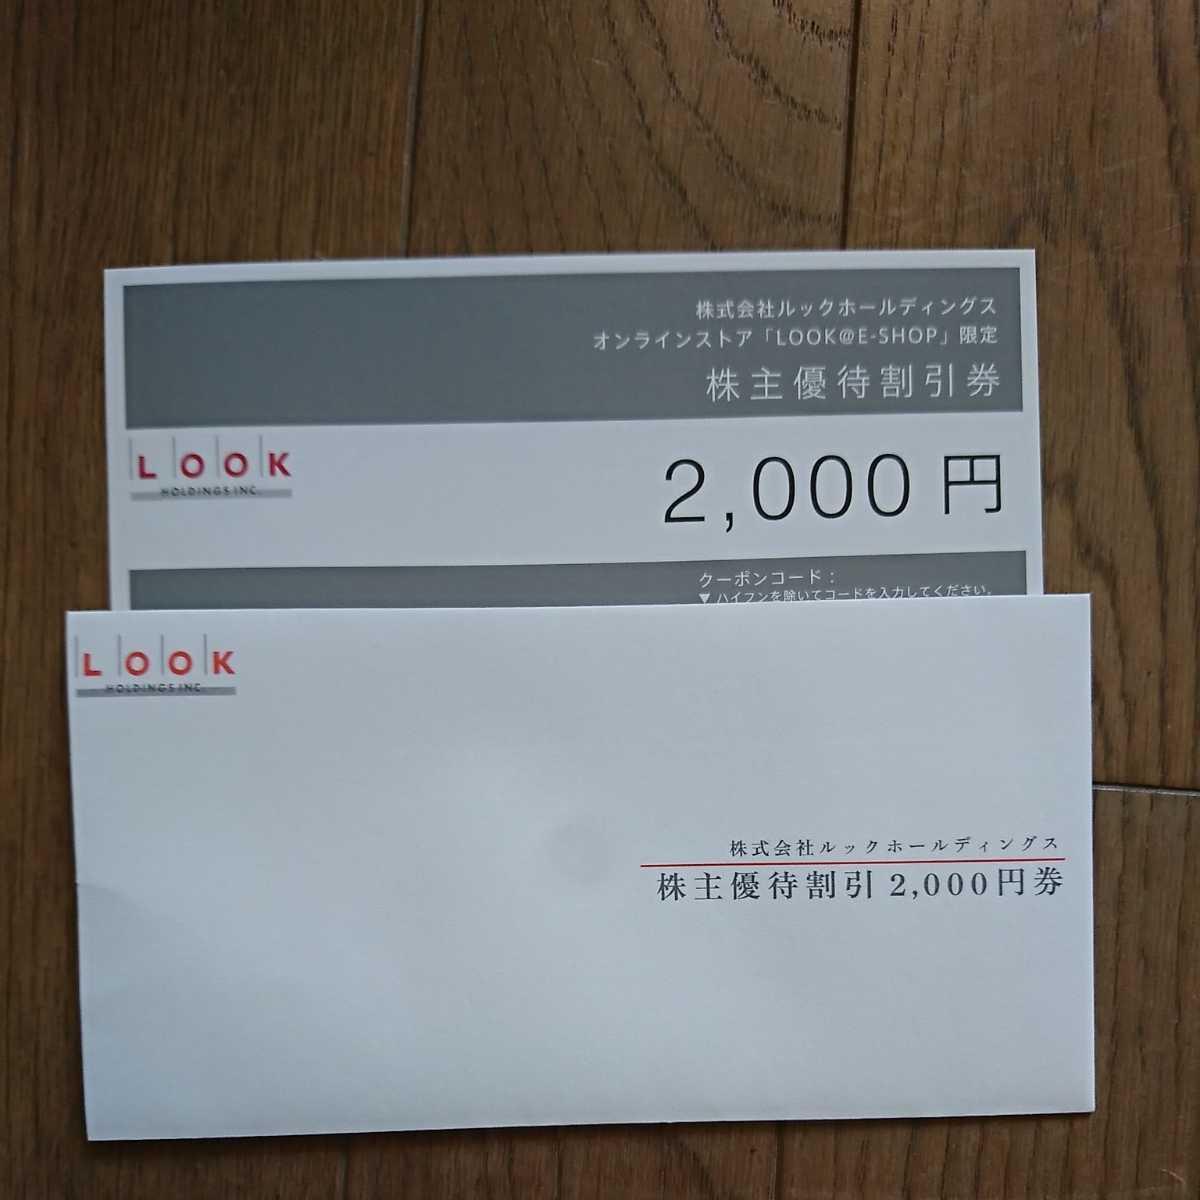 【クーポンコード通知】LOOKルック株主優待券2000円 _画像1